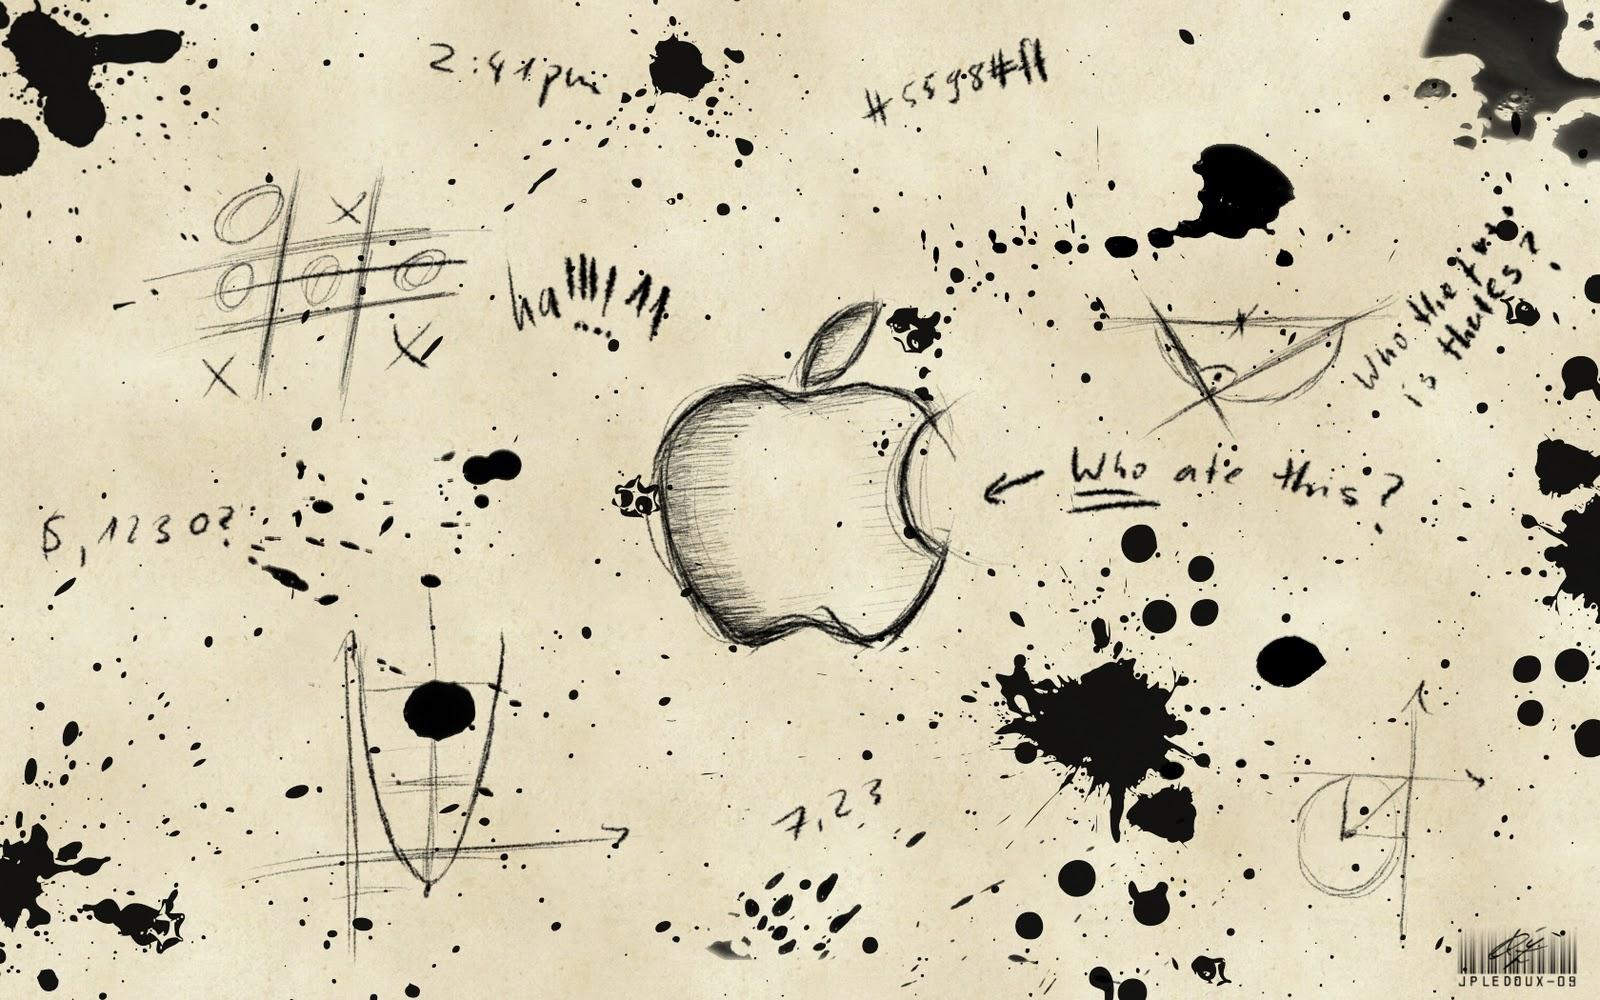 http://4.bp.blogspot.com/-UMTqvjfoseA/T541x89vq0I/AAAAAAAABng/2aAfHBmJnSQ/s1600/Apple_Wallpaper_Desktop+(7).jpg